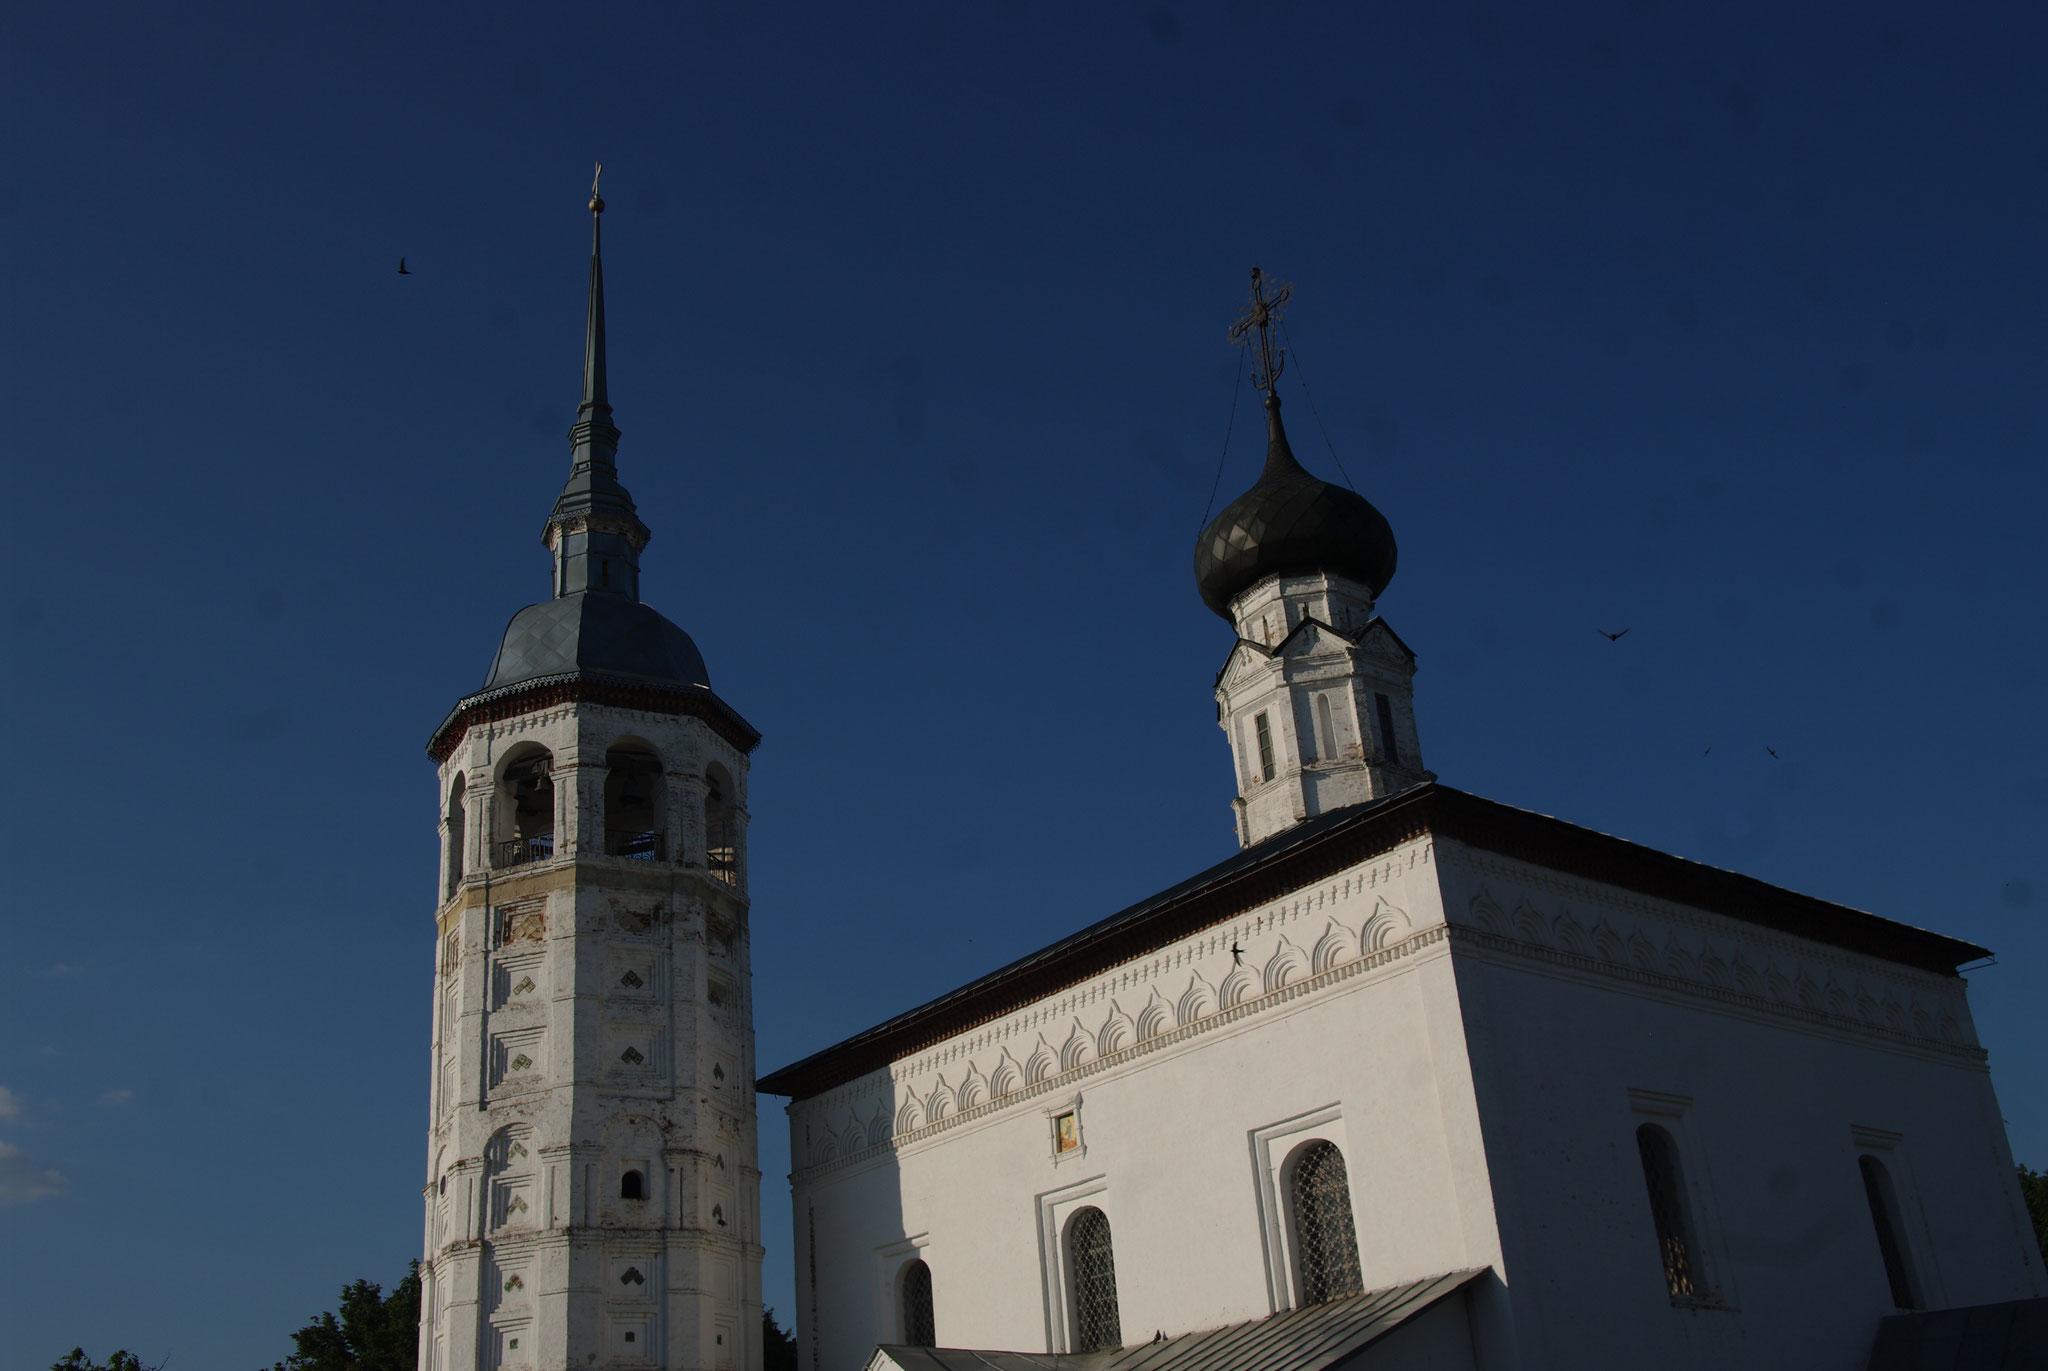 L'église de la Résurrection, près de la place du marché